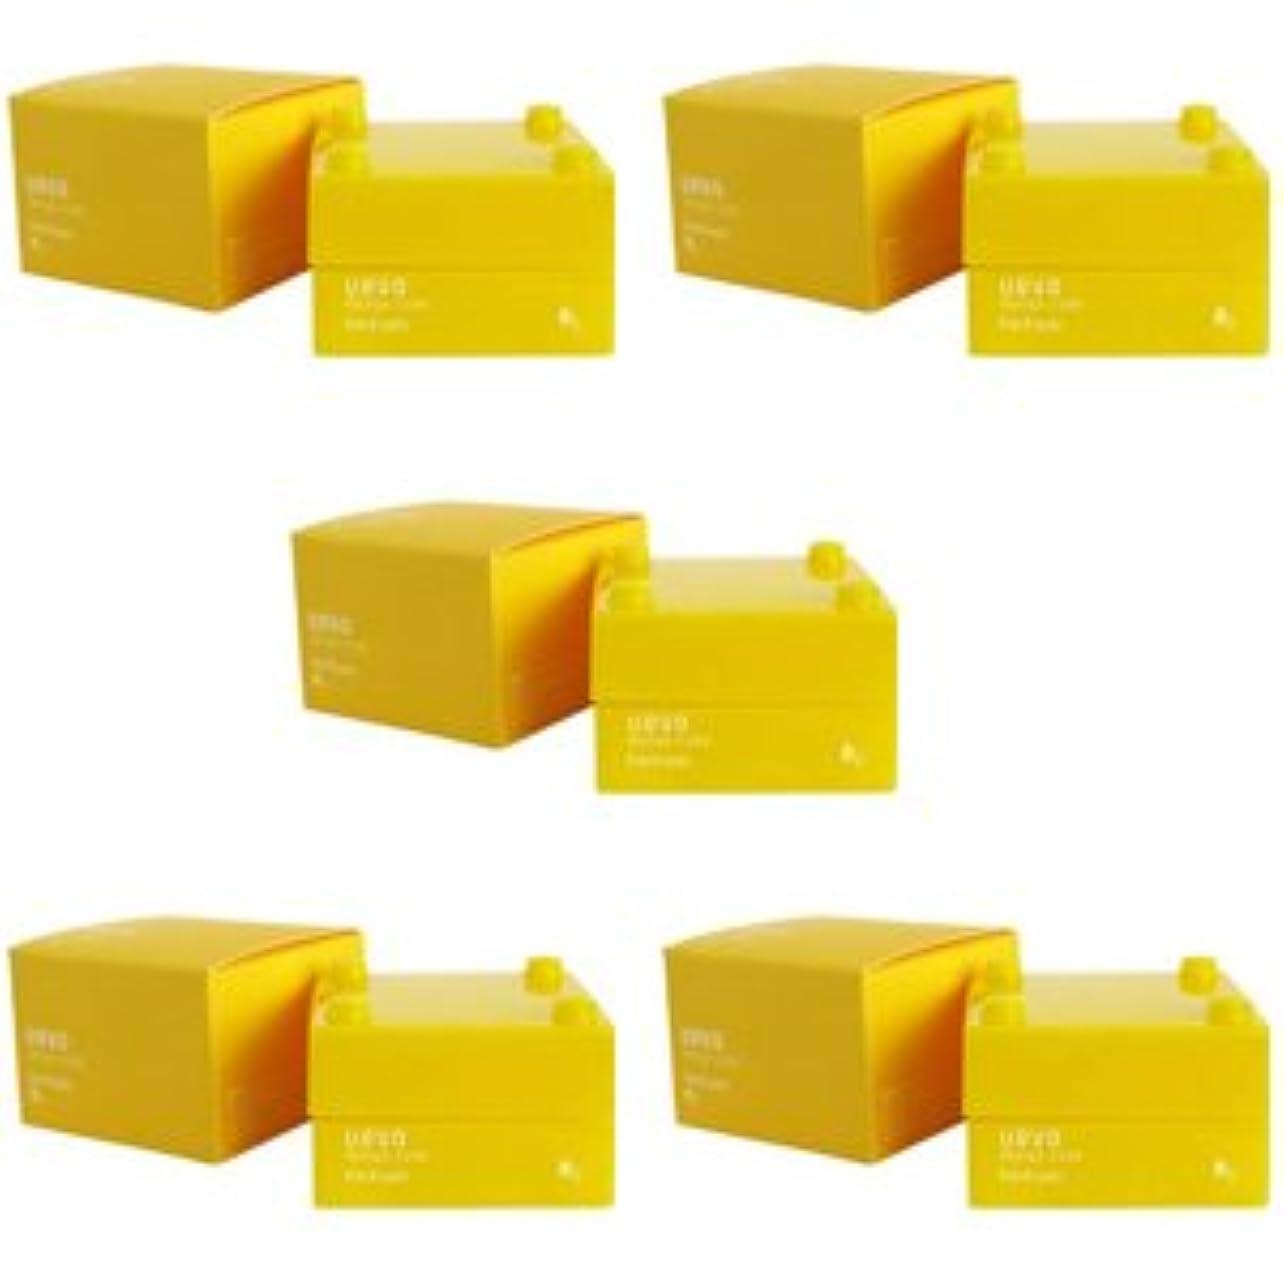 賞賛する急速な第五【X5個セット】 デミ ウェーボ デザインキューブ ハードワックス 30g hard wax DEMI uevo design cube